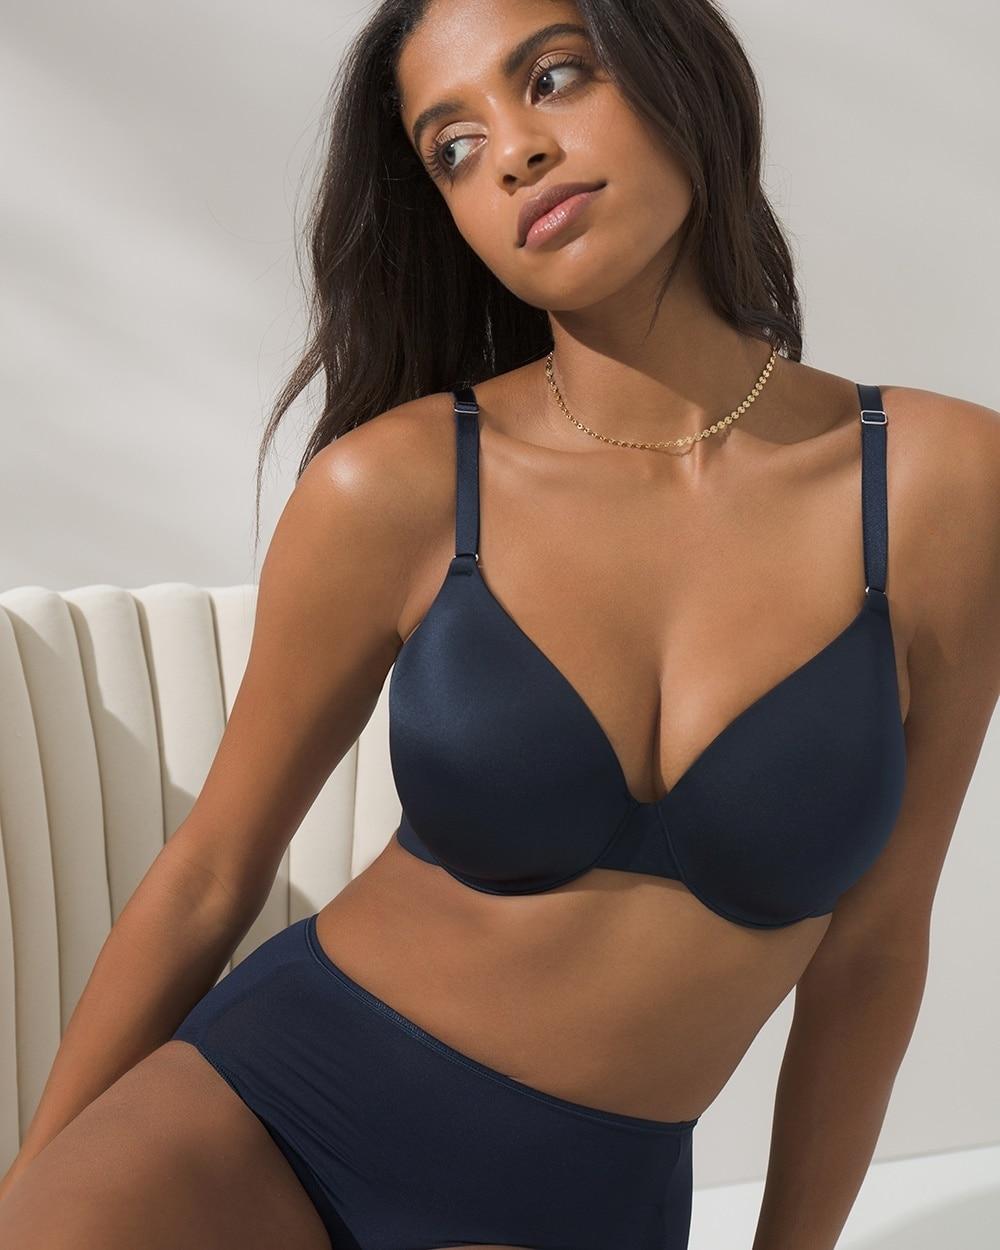 soma vanishing back full coverage bra for full chests